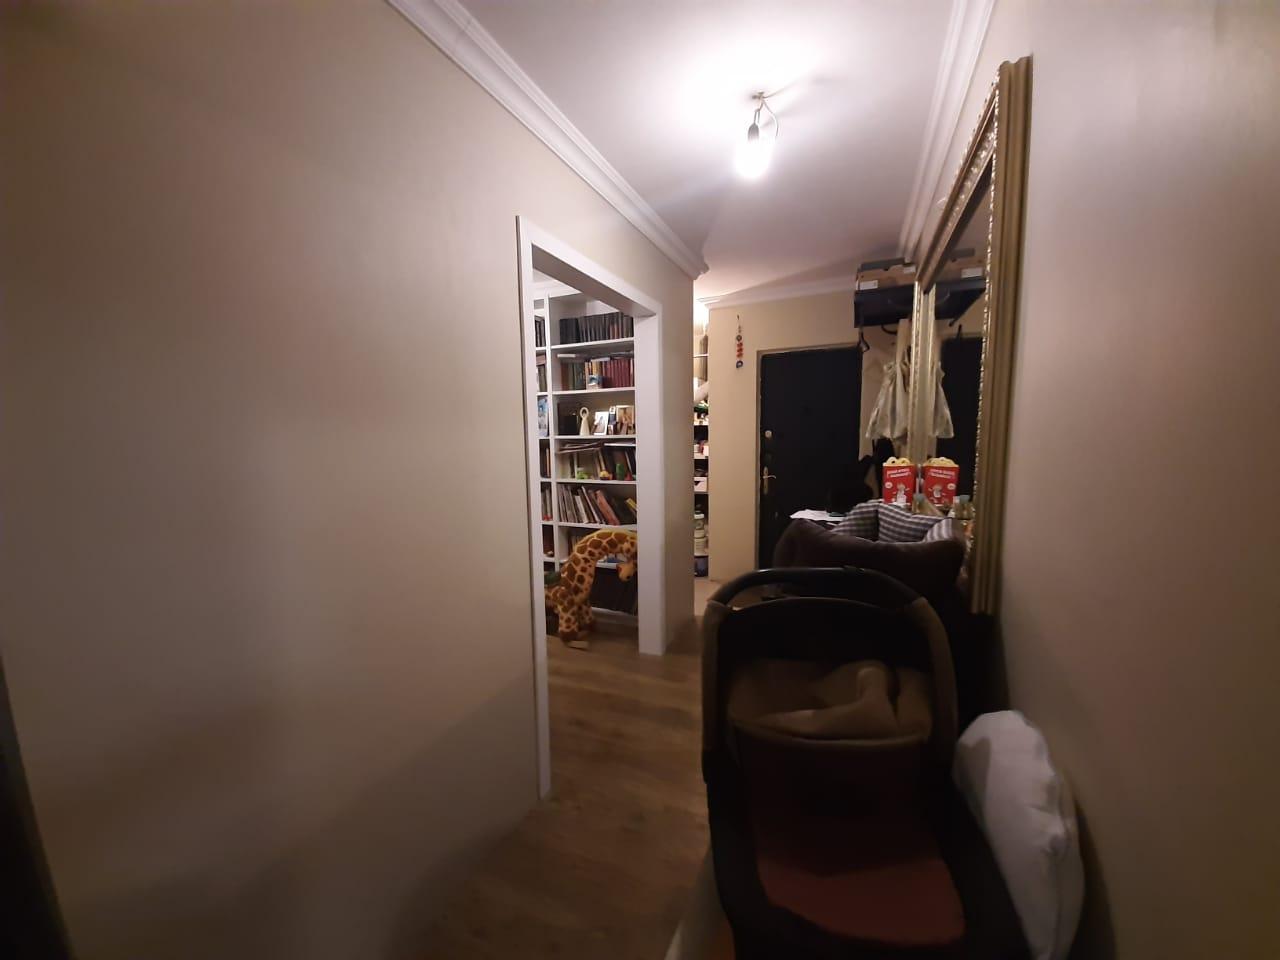 Квартира на продажу по адресу Россия, Московская область, городской округ Ступино, Ступино, улица Калинина, 38к1